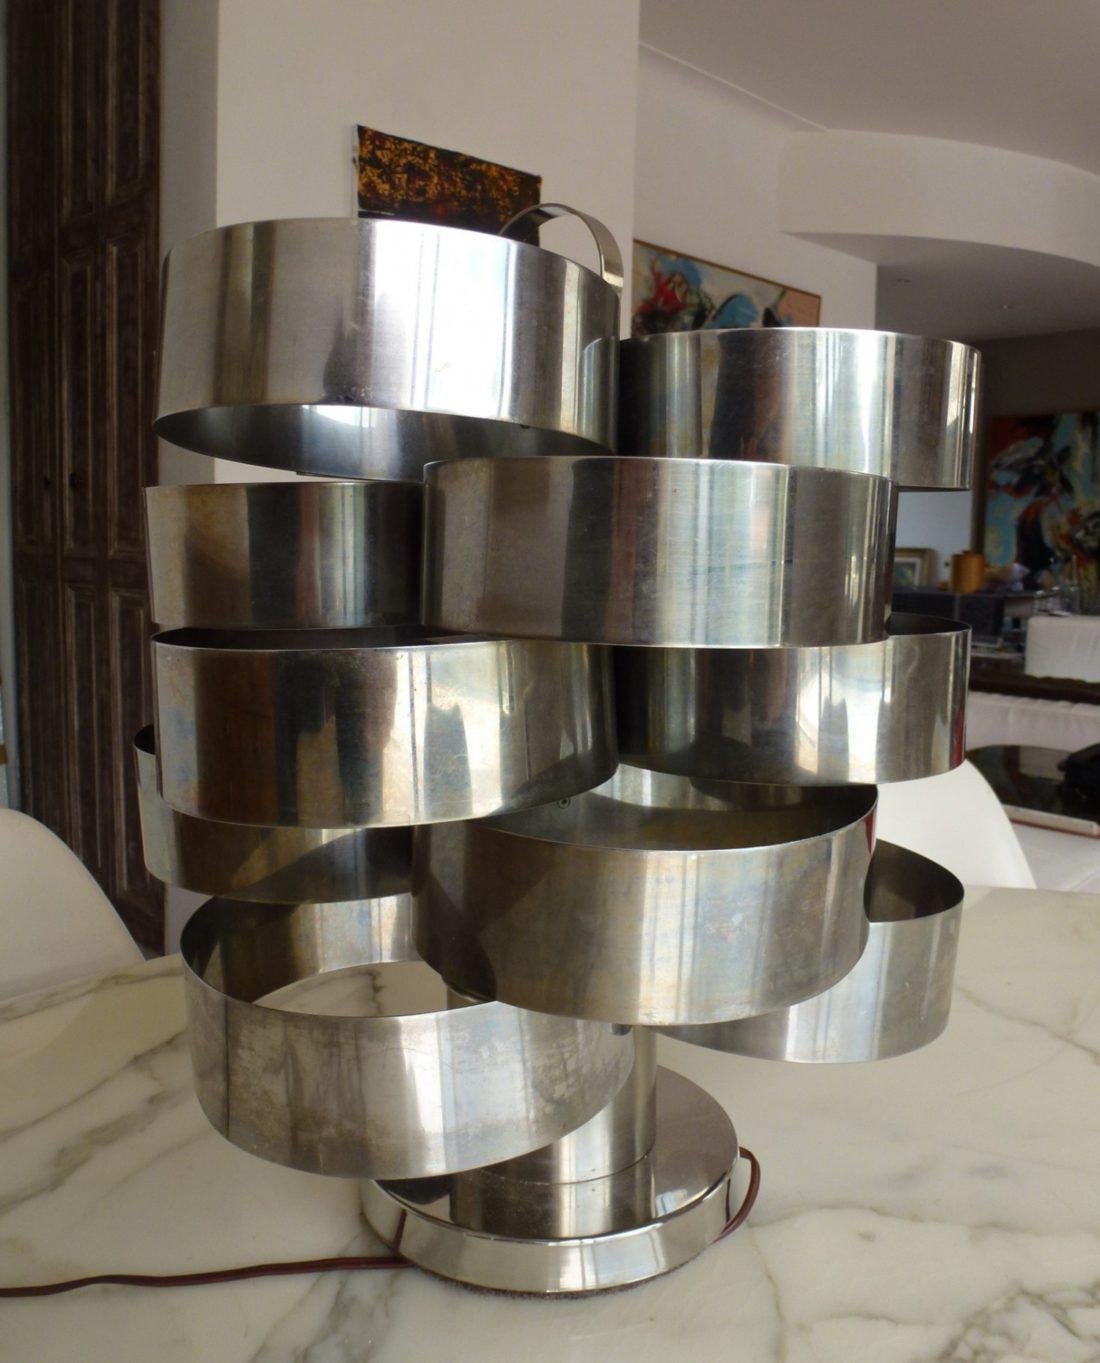 lampe à poser de Max Sauze, modèle rare, faite de lames d'aluminium, en très bon état